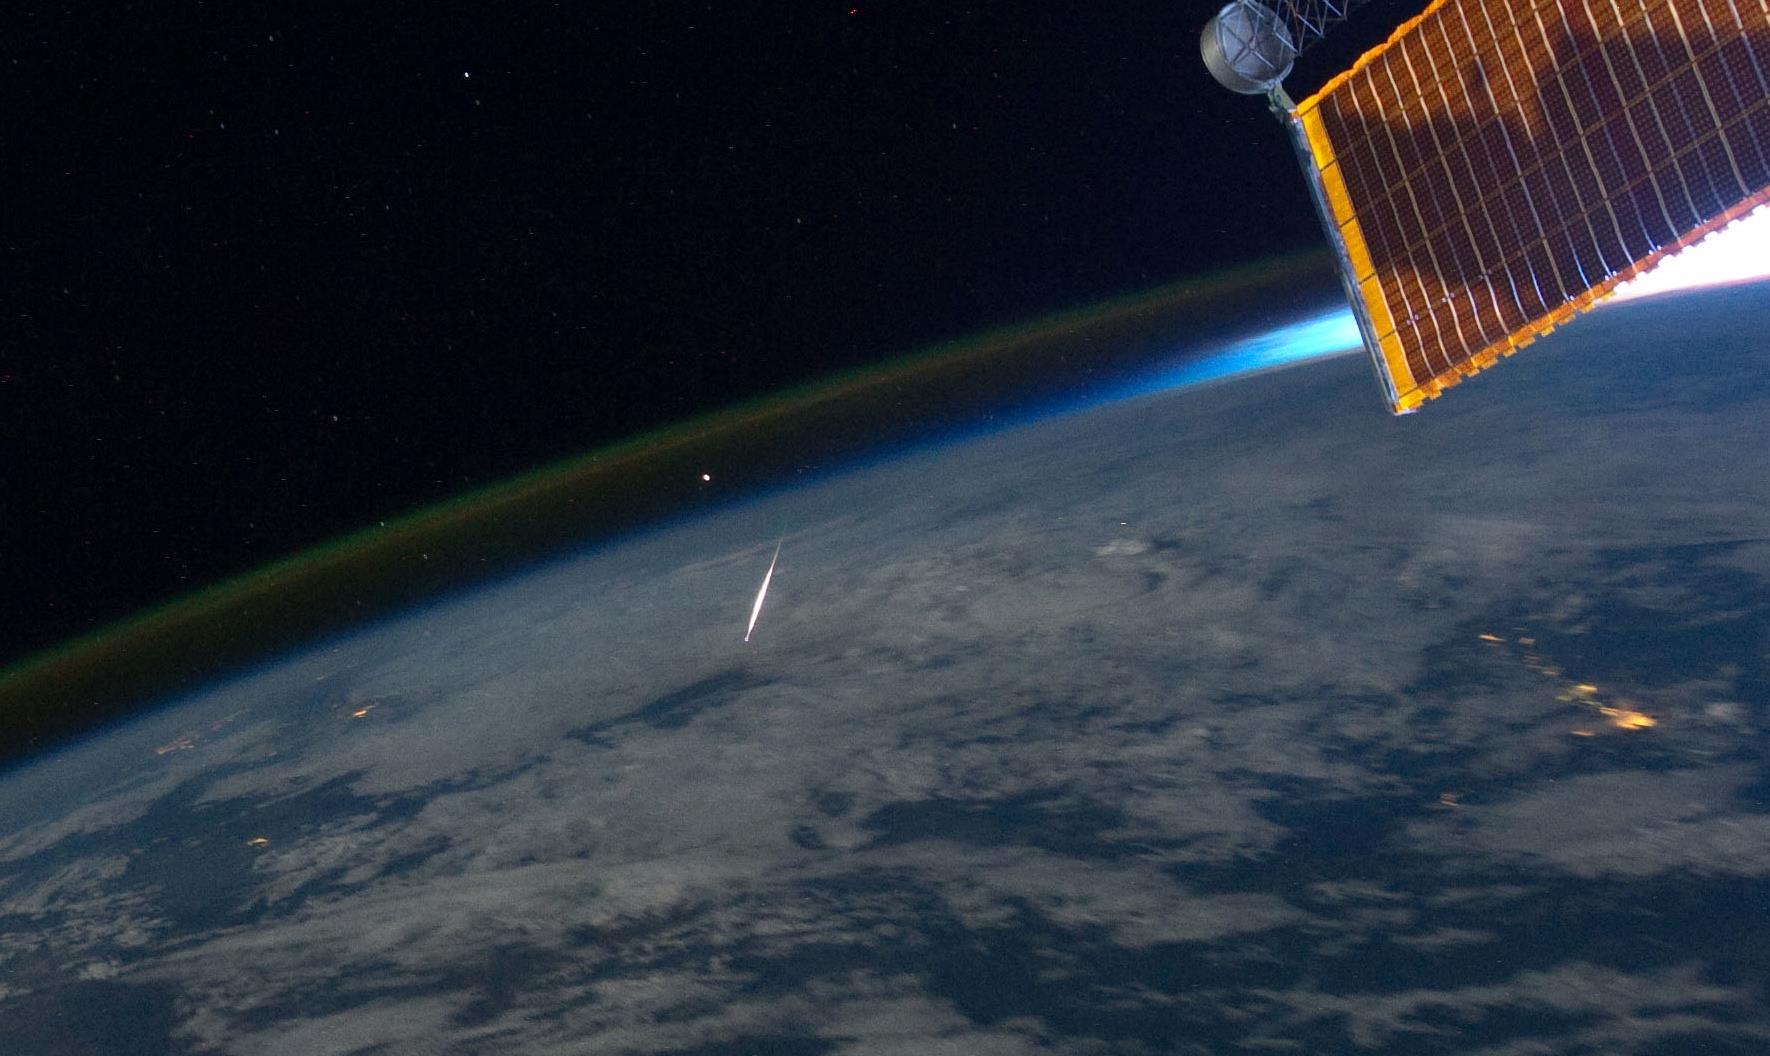 50 perseids meteors